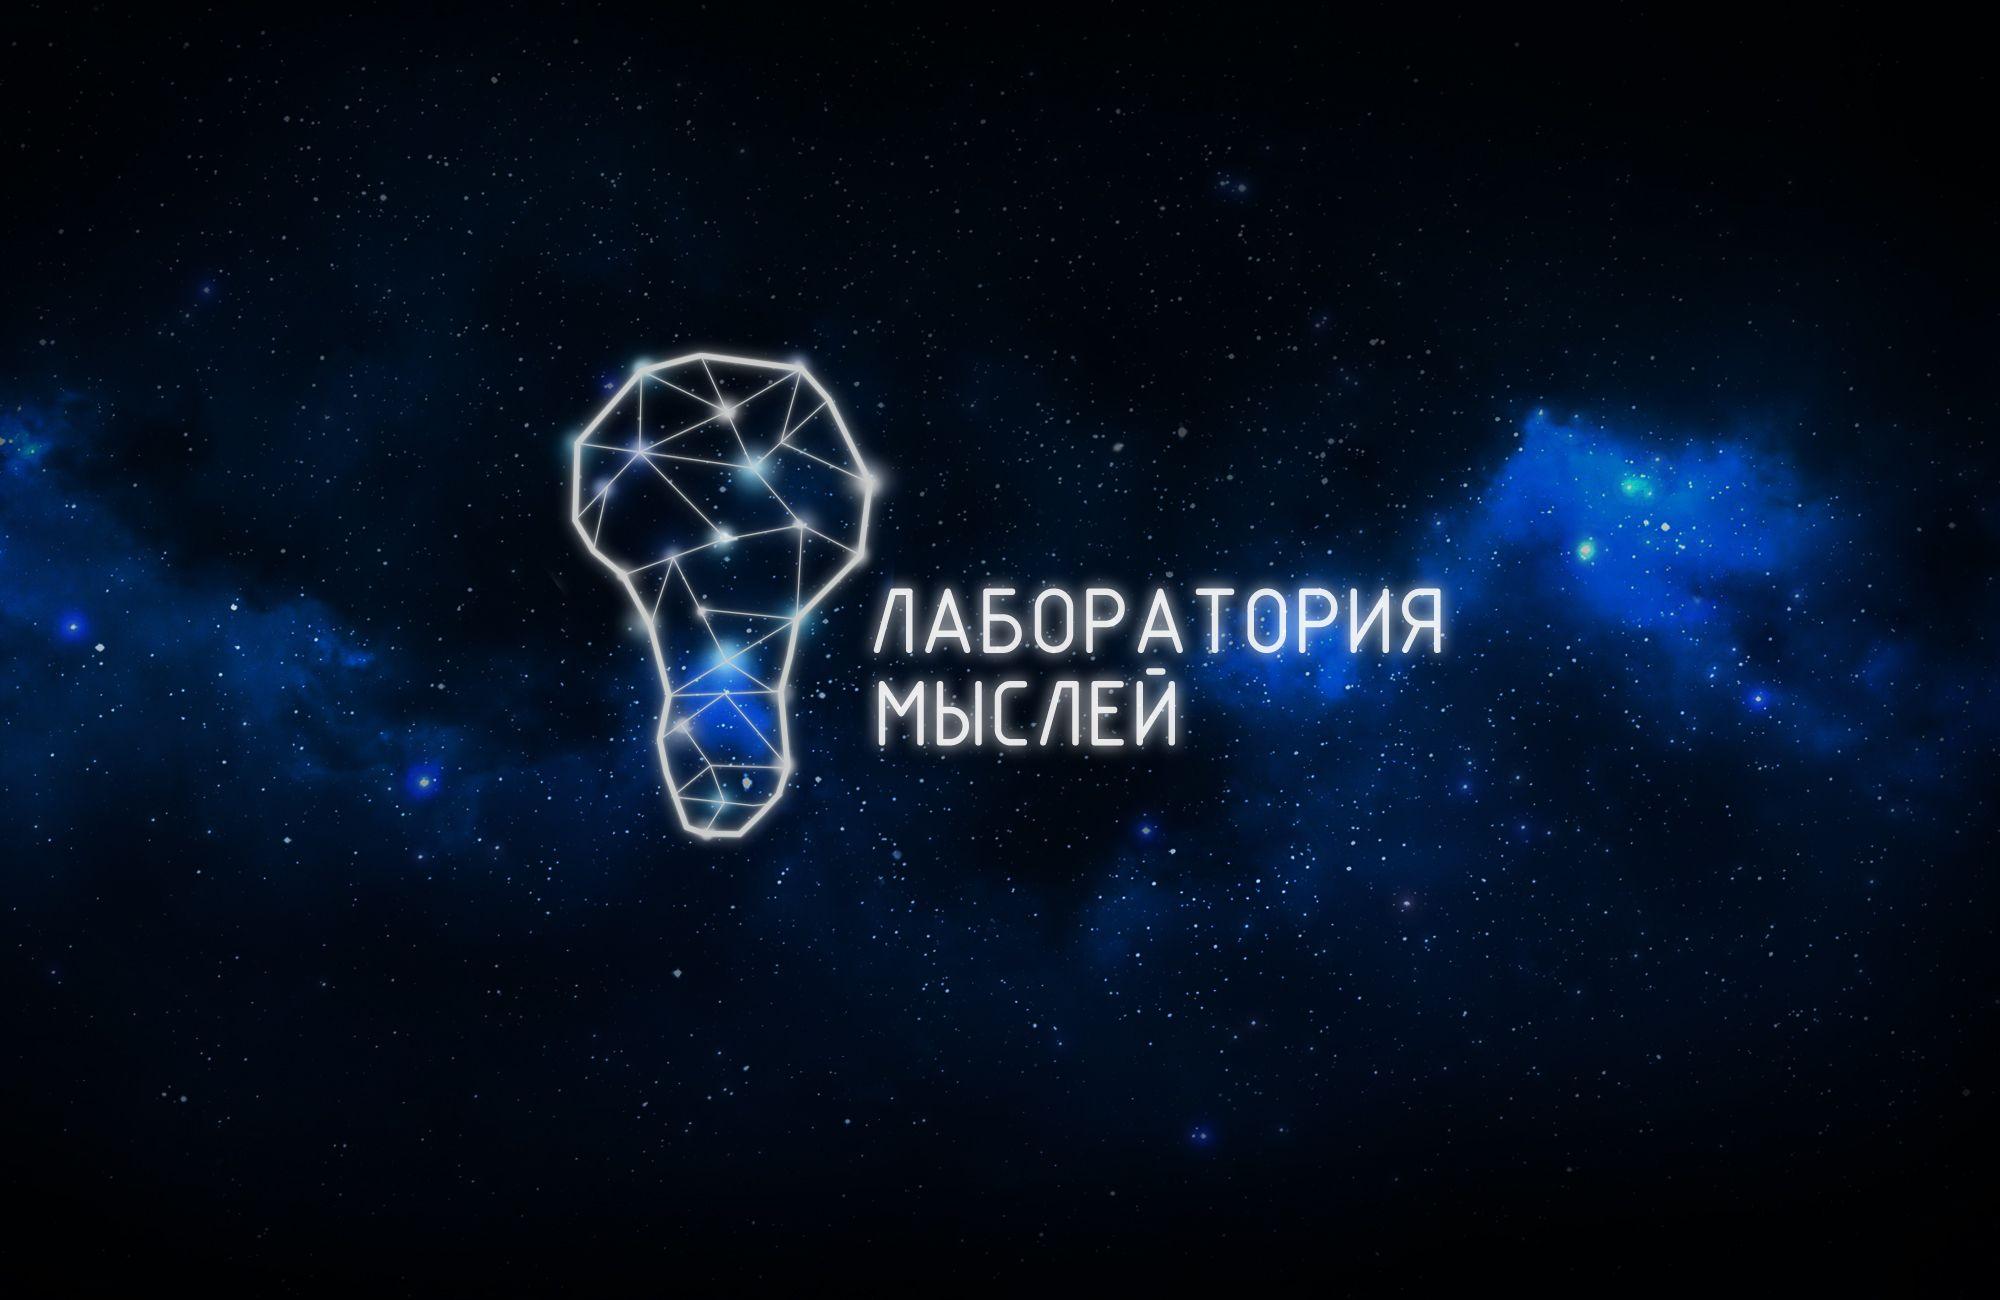 Мыслелаб! Логотип для интеллектуального центра - дизайнер Naska